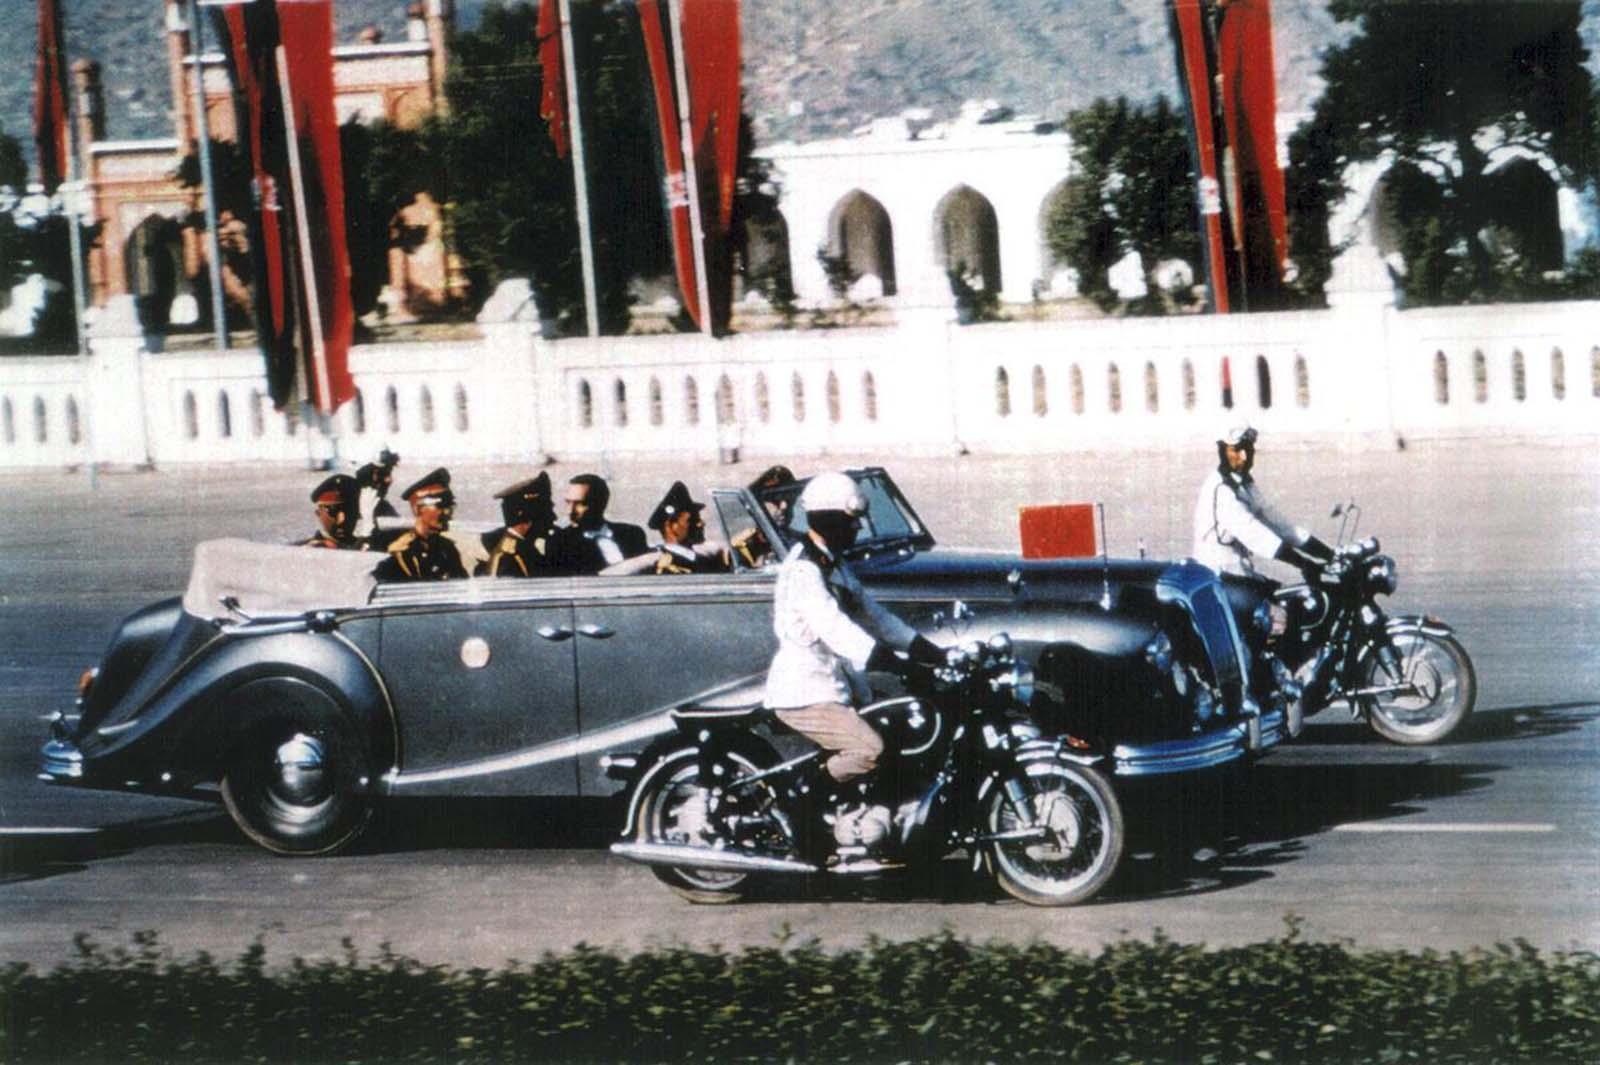 El rey de Afganistán, Mohammad Zahir Shah, viaja en su limusina en la carretera central de Kabul, Idga Wat, en esta foto de 1968. Zahir Shah, el último rey de Afganistán, vivió en el exilio en Roma desde un golpe de estado de 1973, y regresó a Afganistán en 2002, después de la destitución de los talibanes. Falleció en Kabul en 2007, a la edad de 92 años.